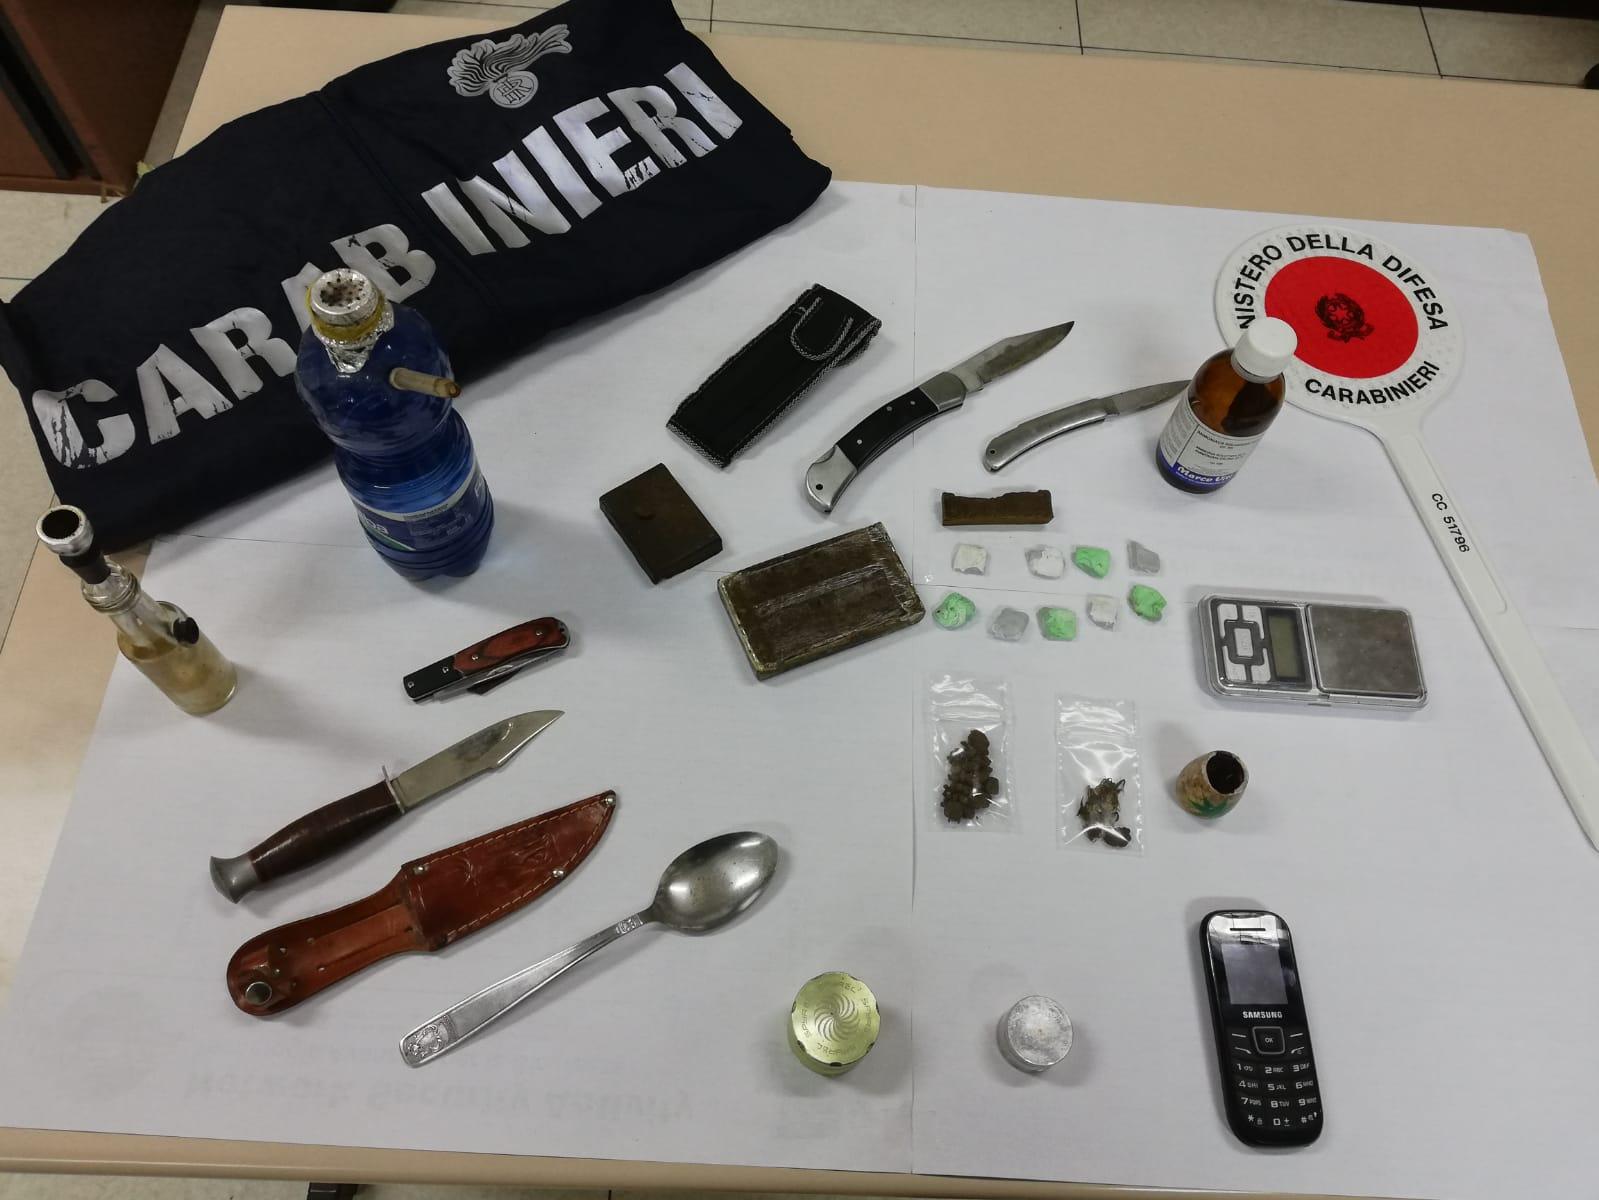 Modica – 170 grammi di stupefacenti nella propria abitazione: arrestato un ragazzo di 17 anni